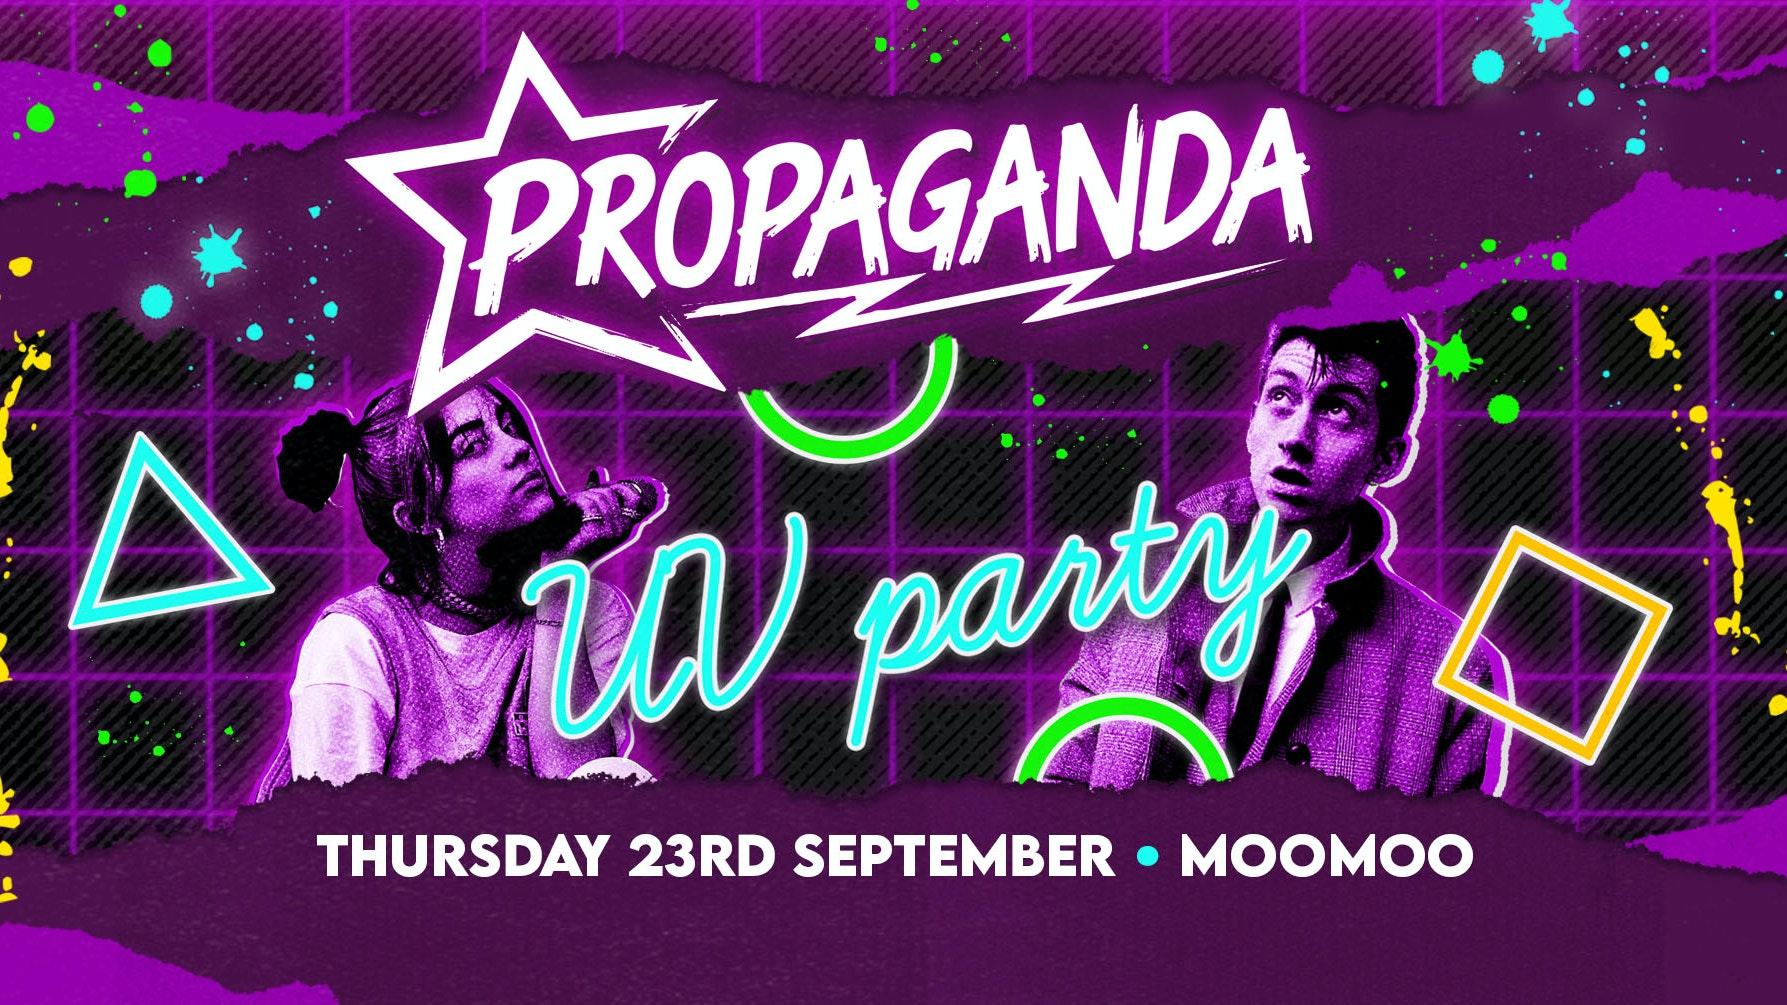 Propaganda Cheltenham – UV Party!